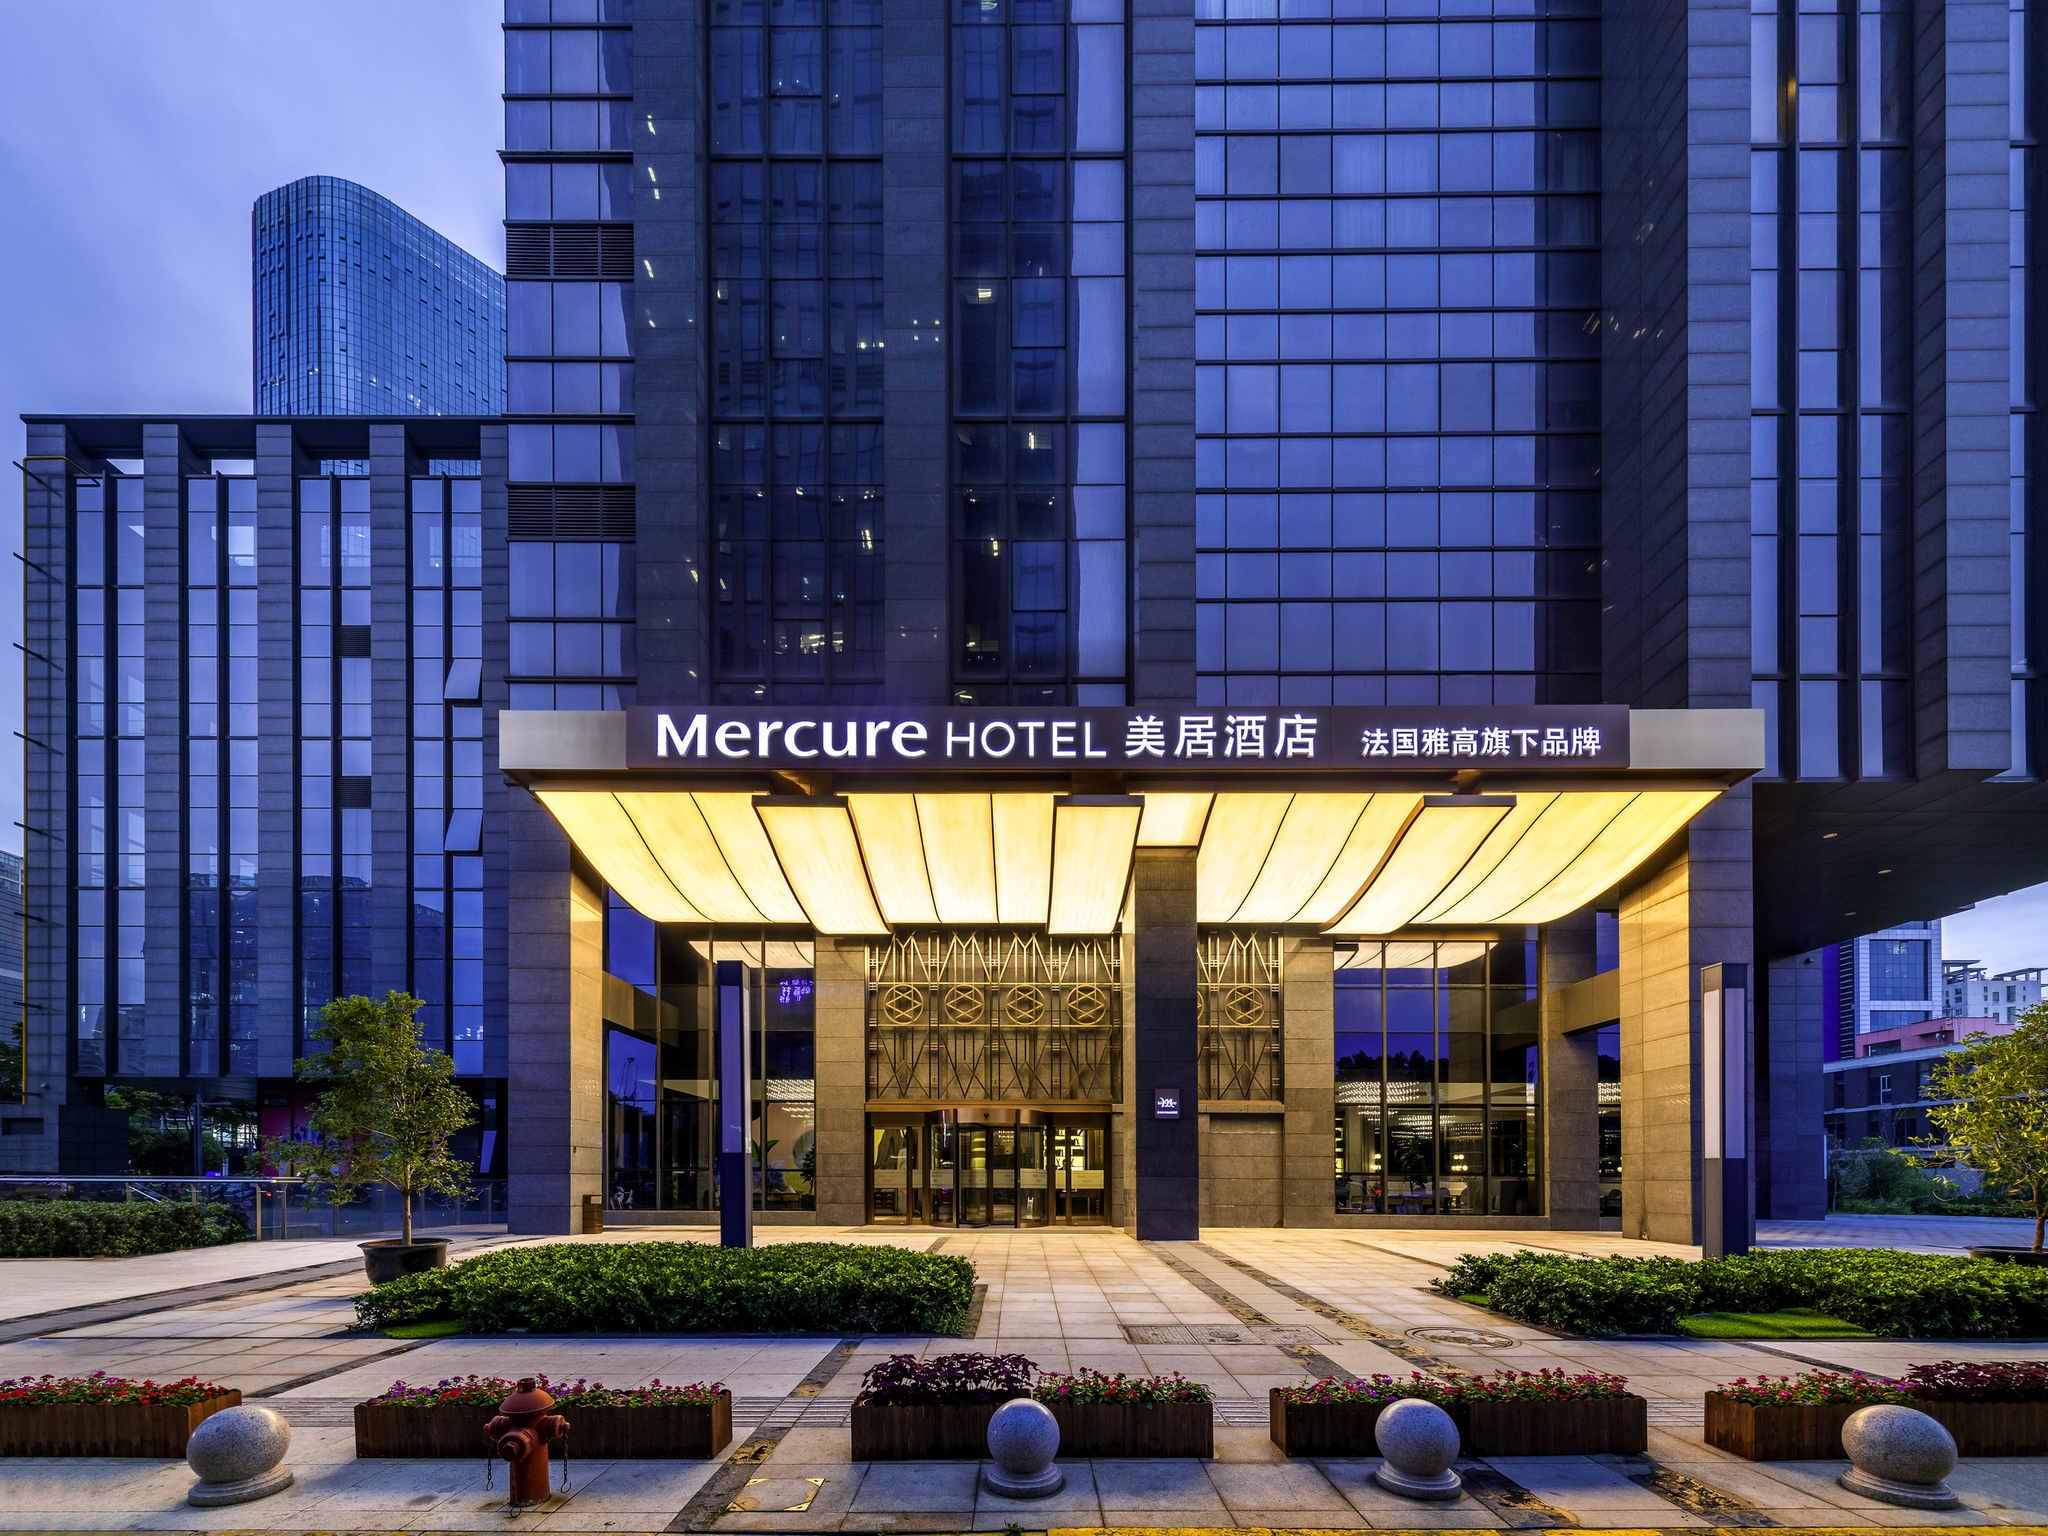 Hotel – Mercure Suzhou Jinji Lake (Opening August 2018)